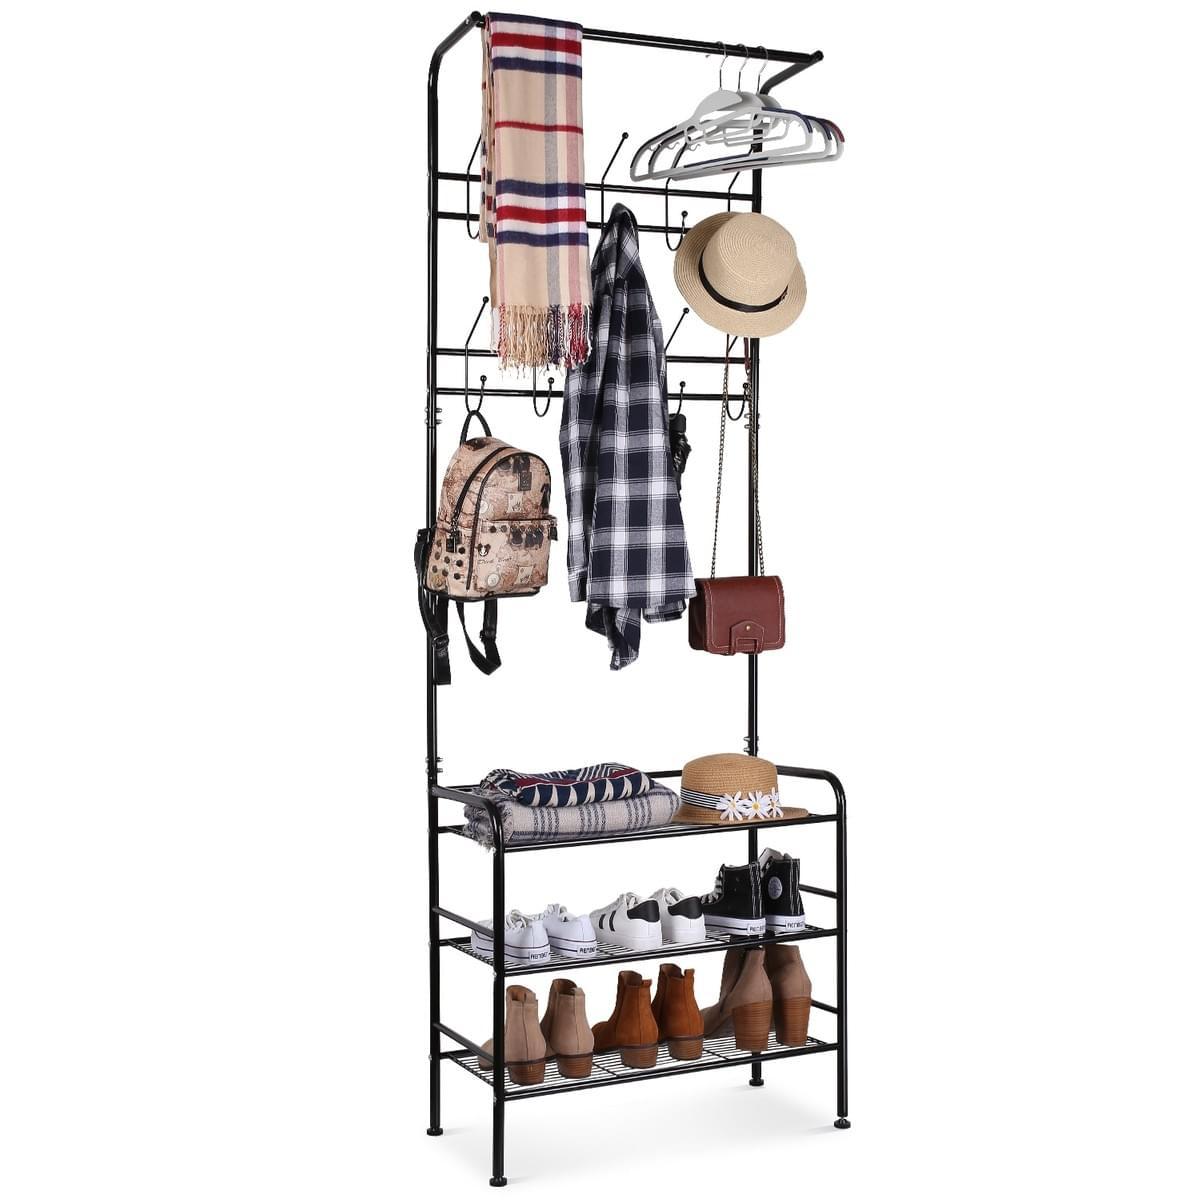 Homfa Metal Entryway Coat Shoe Rack 3 Tier Shoe Bench With Coat Hat Umbrella Rack 20 Hooks Black